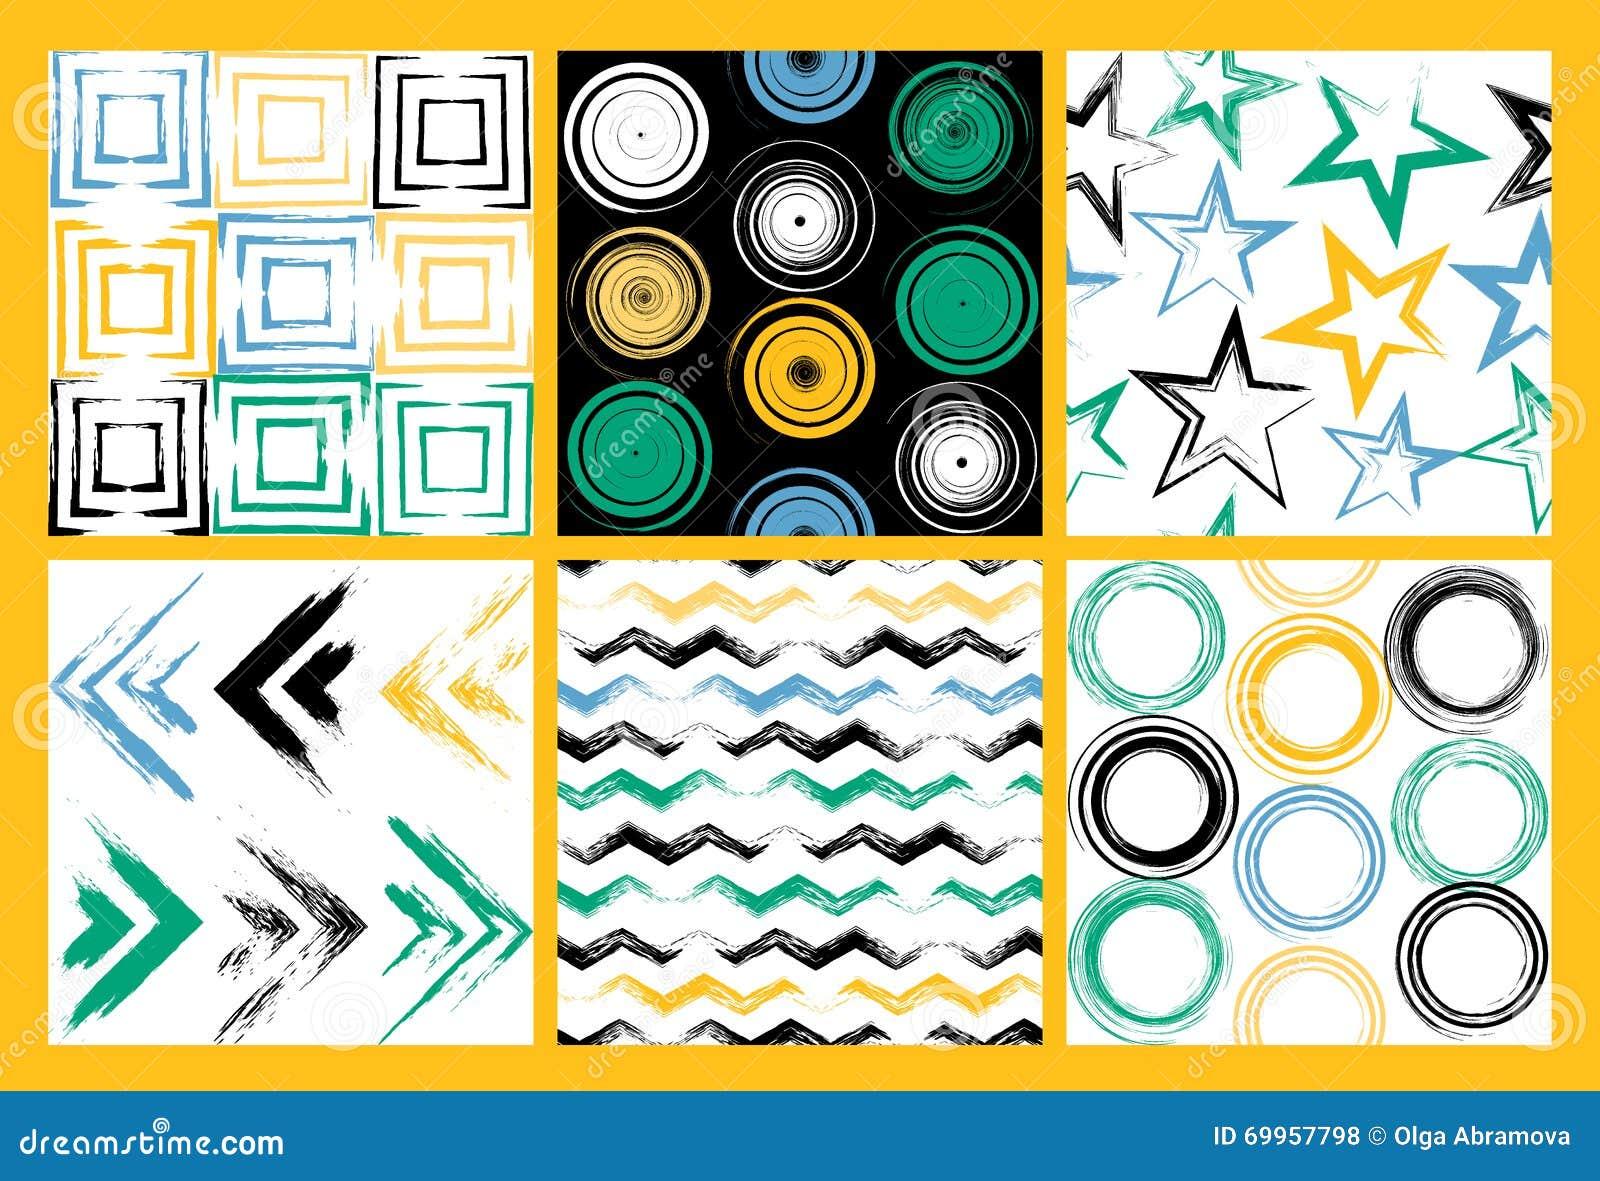 6 χαριτωμένα διαφορετικά διανυσματικά άνευ ραφής σχέδια Ο στρόβιλος, κύκλοι, κτυπήματα βουρτσών, τετράγωνα, αφαιρεί τις γεωμετρικ